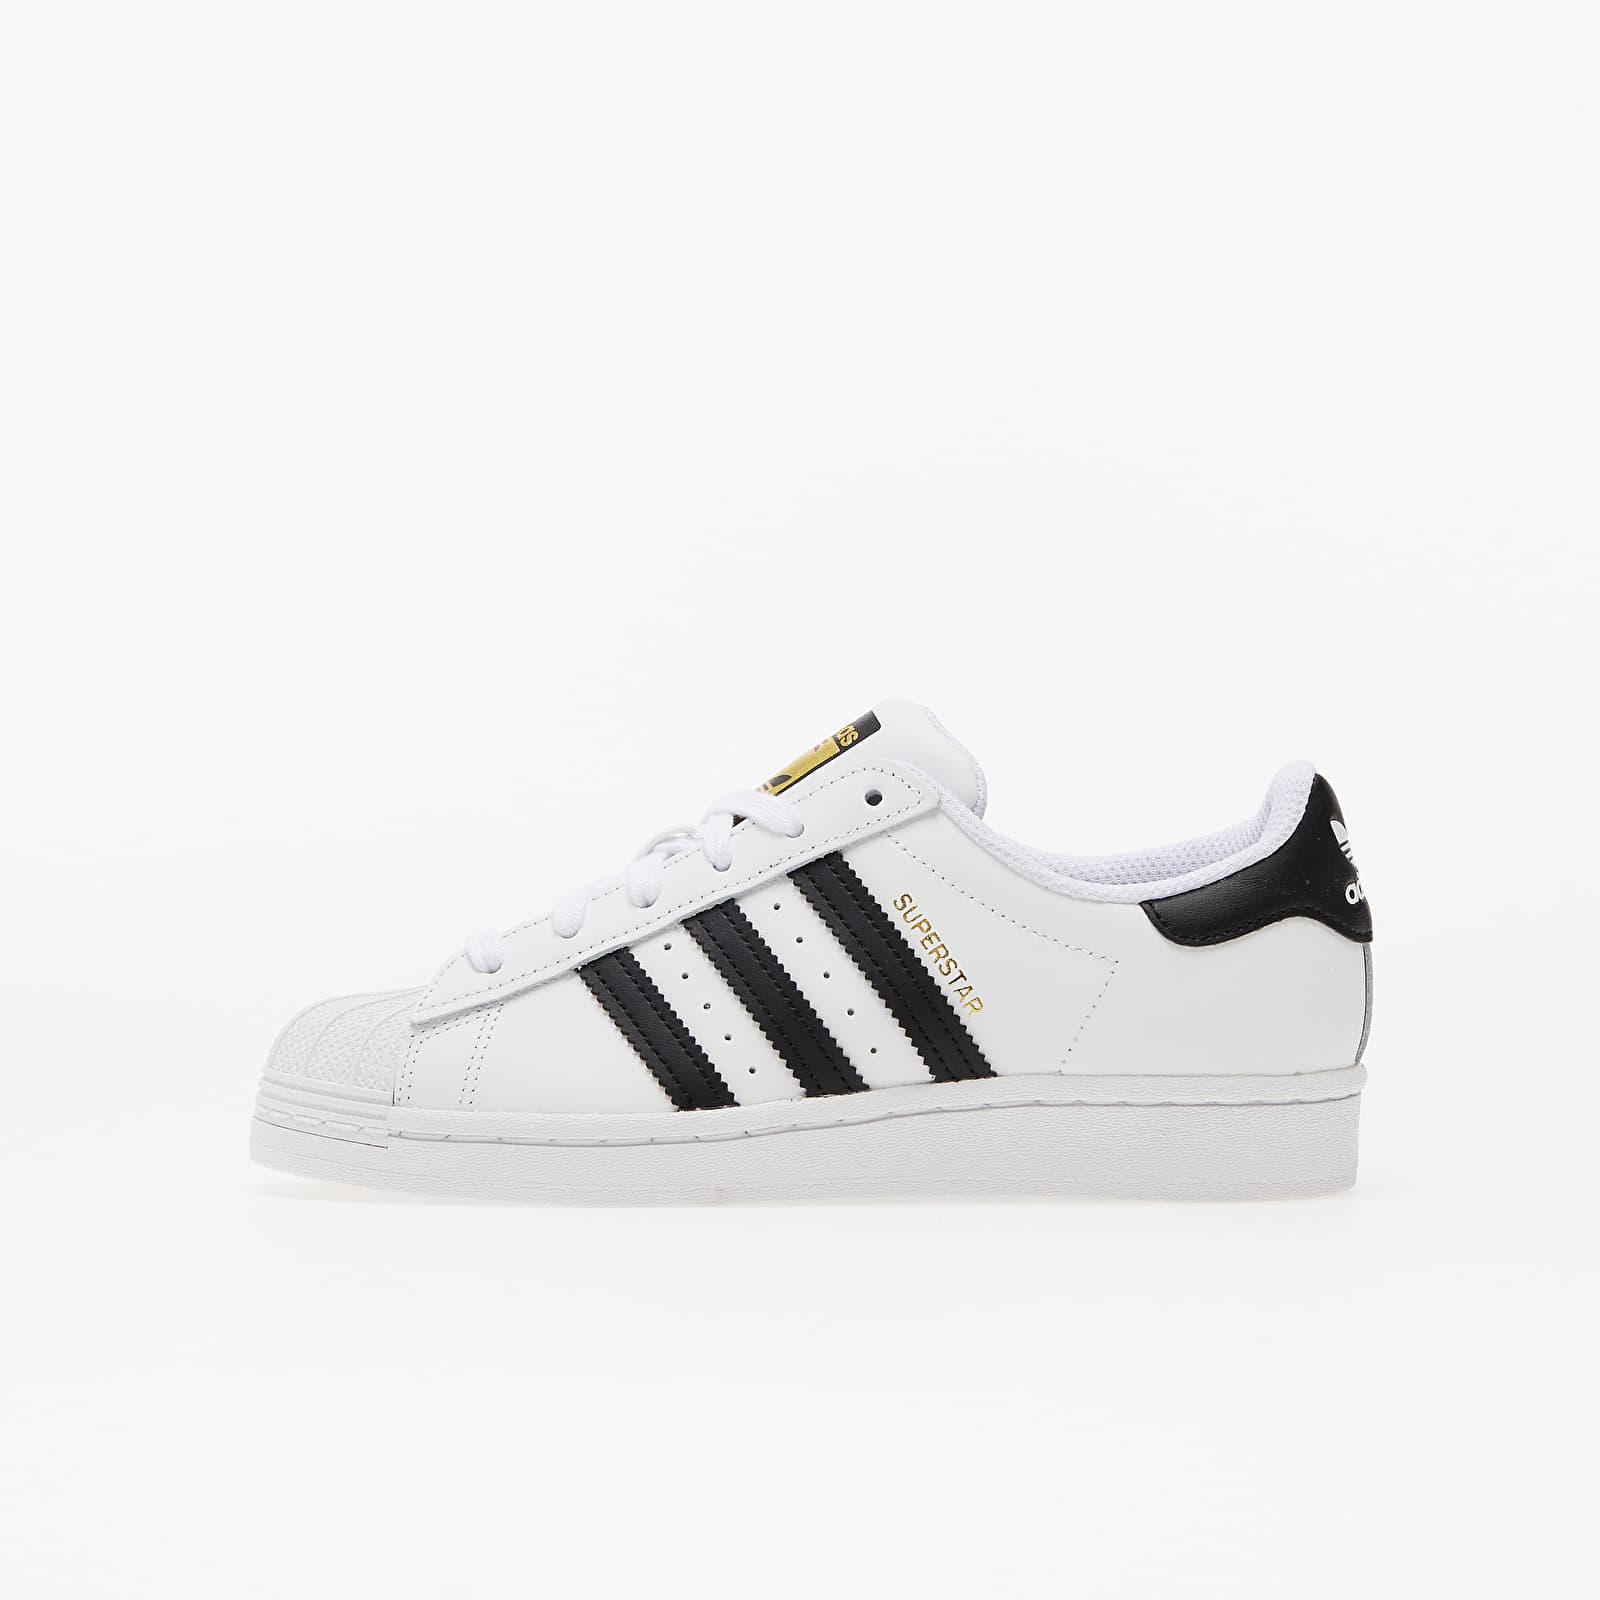 adidas Superstar J Ftwr White/ Core Black/ Ftwr White EUR 39.3